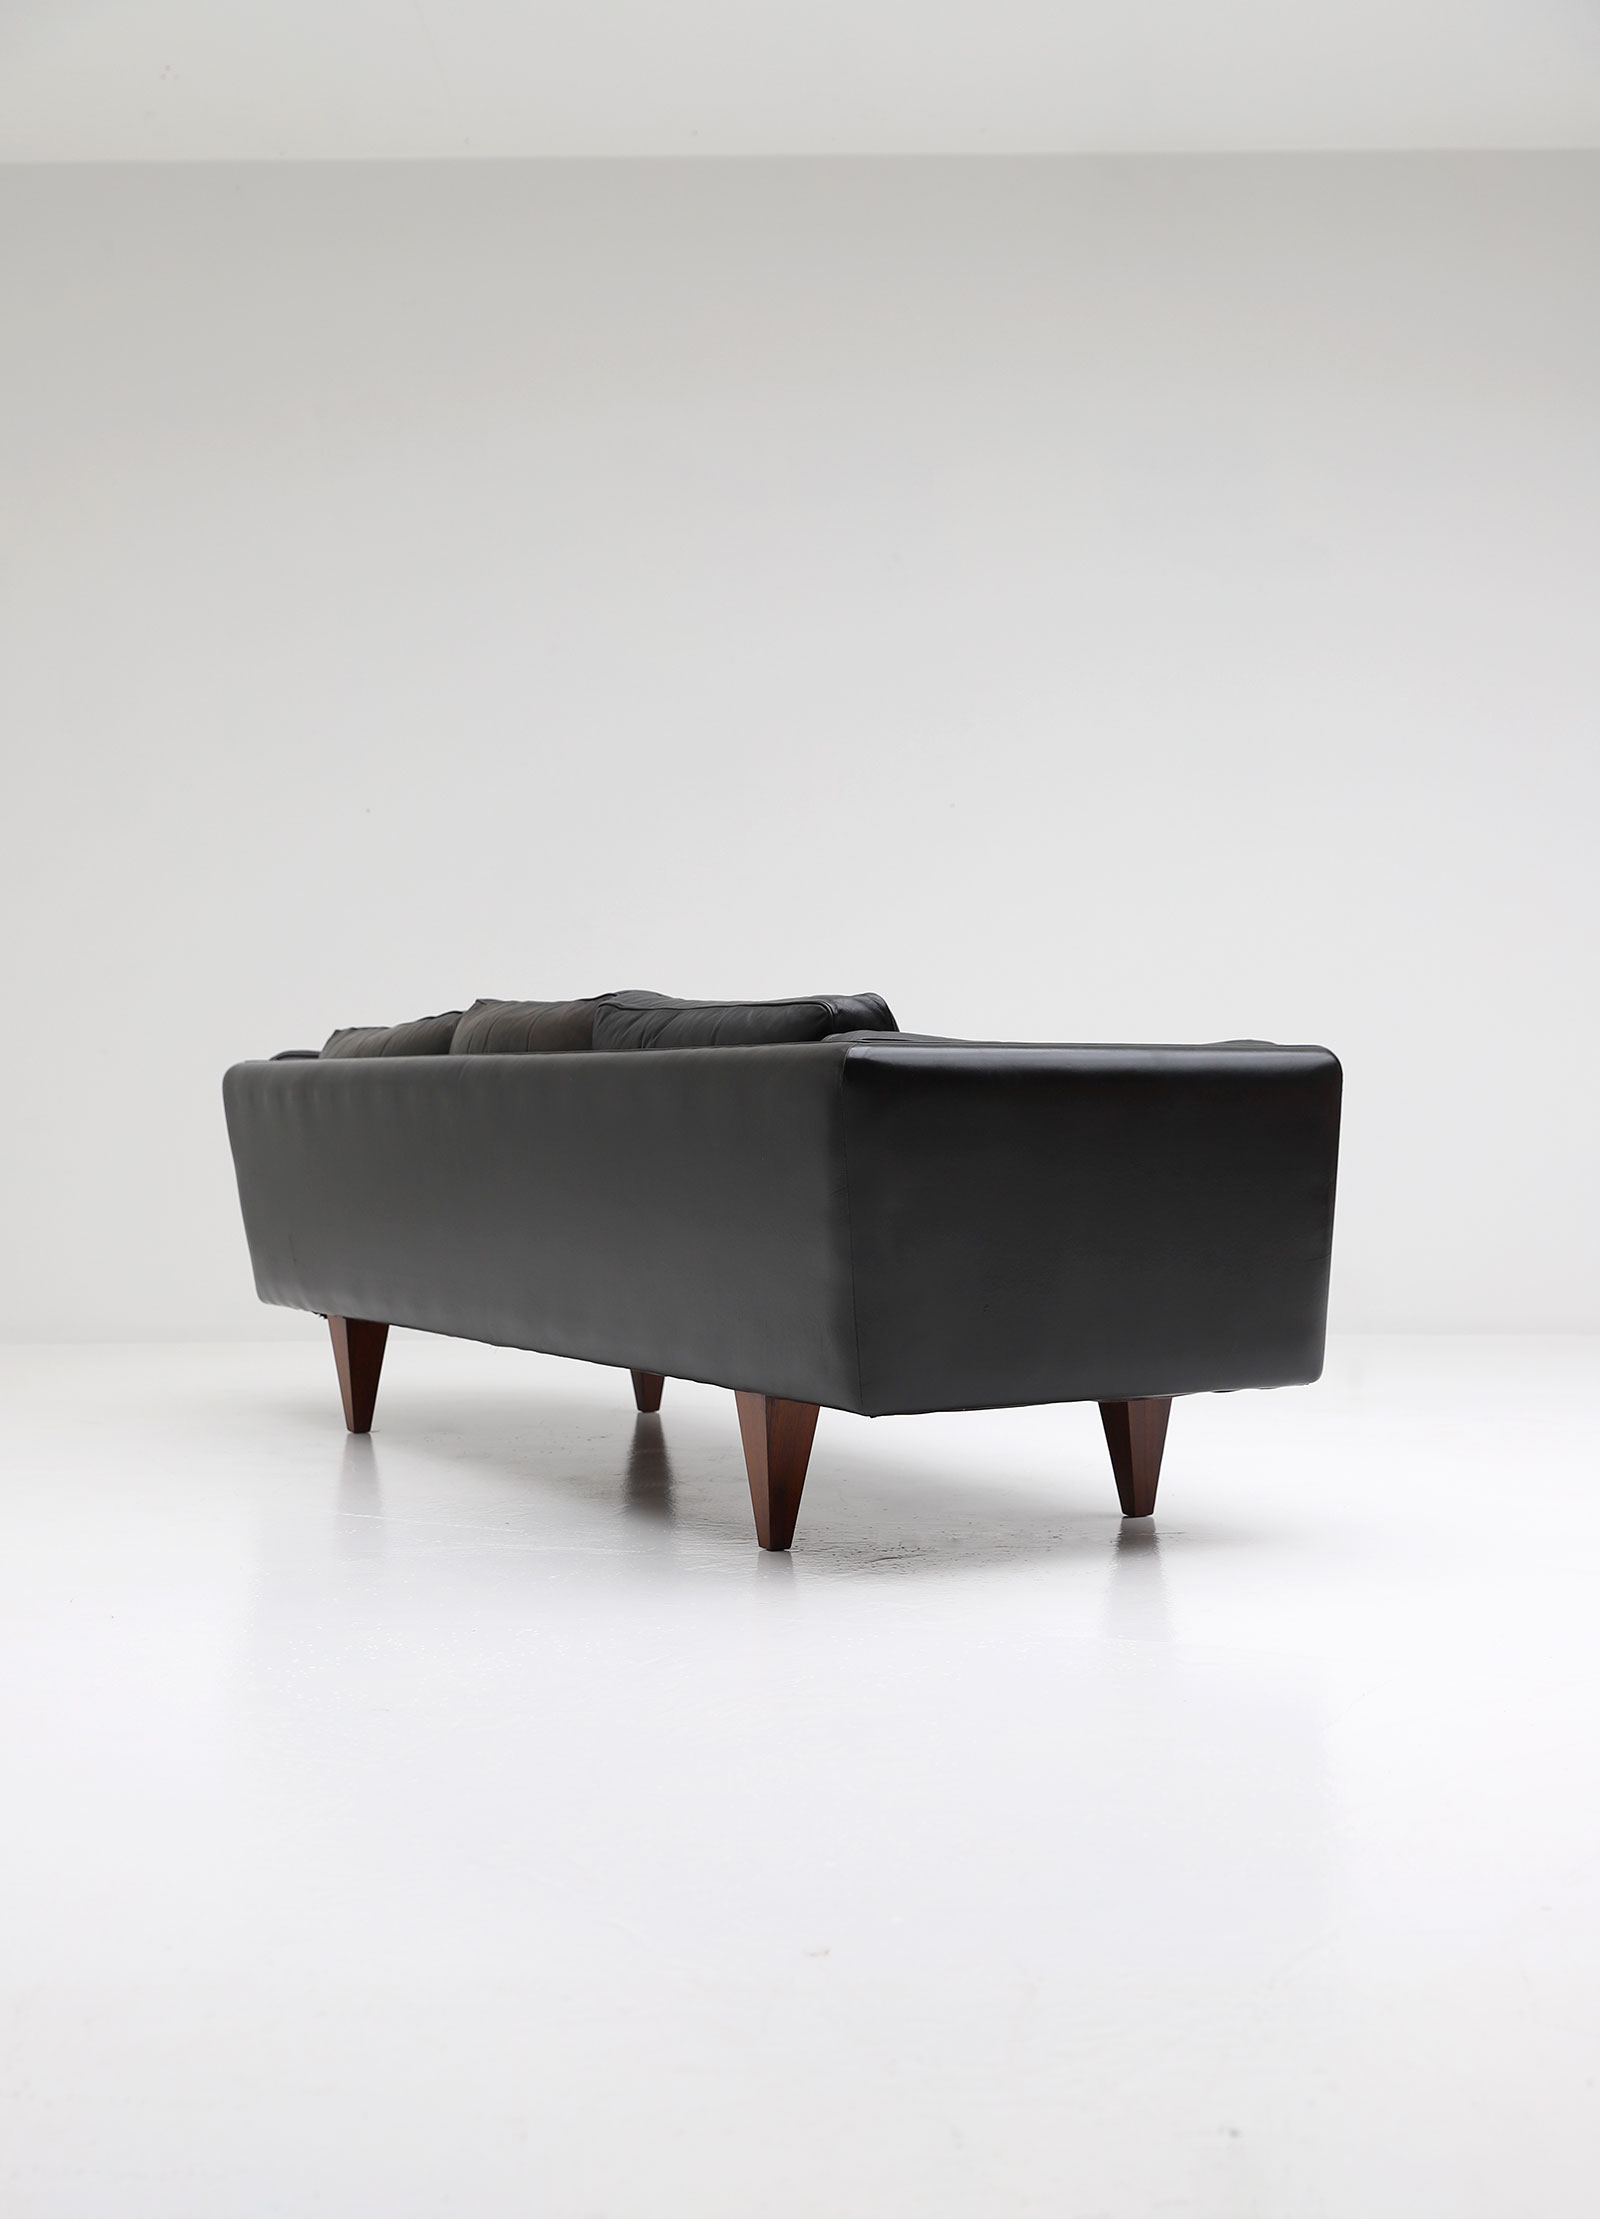 Illum Wikkelso V11 sofa